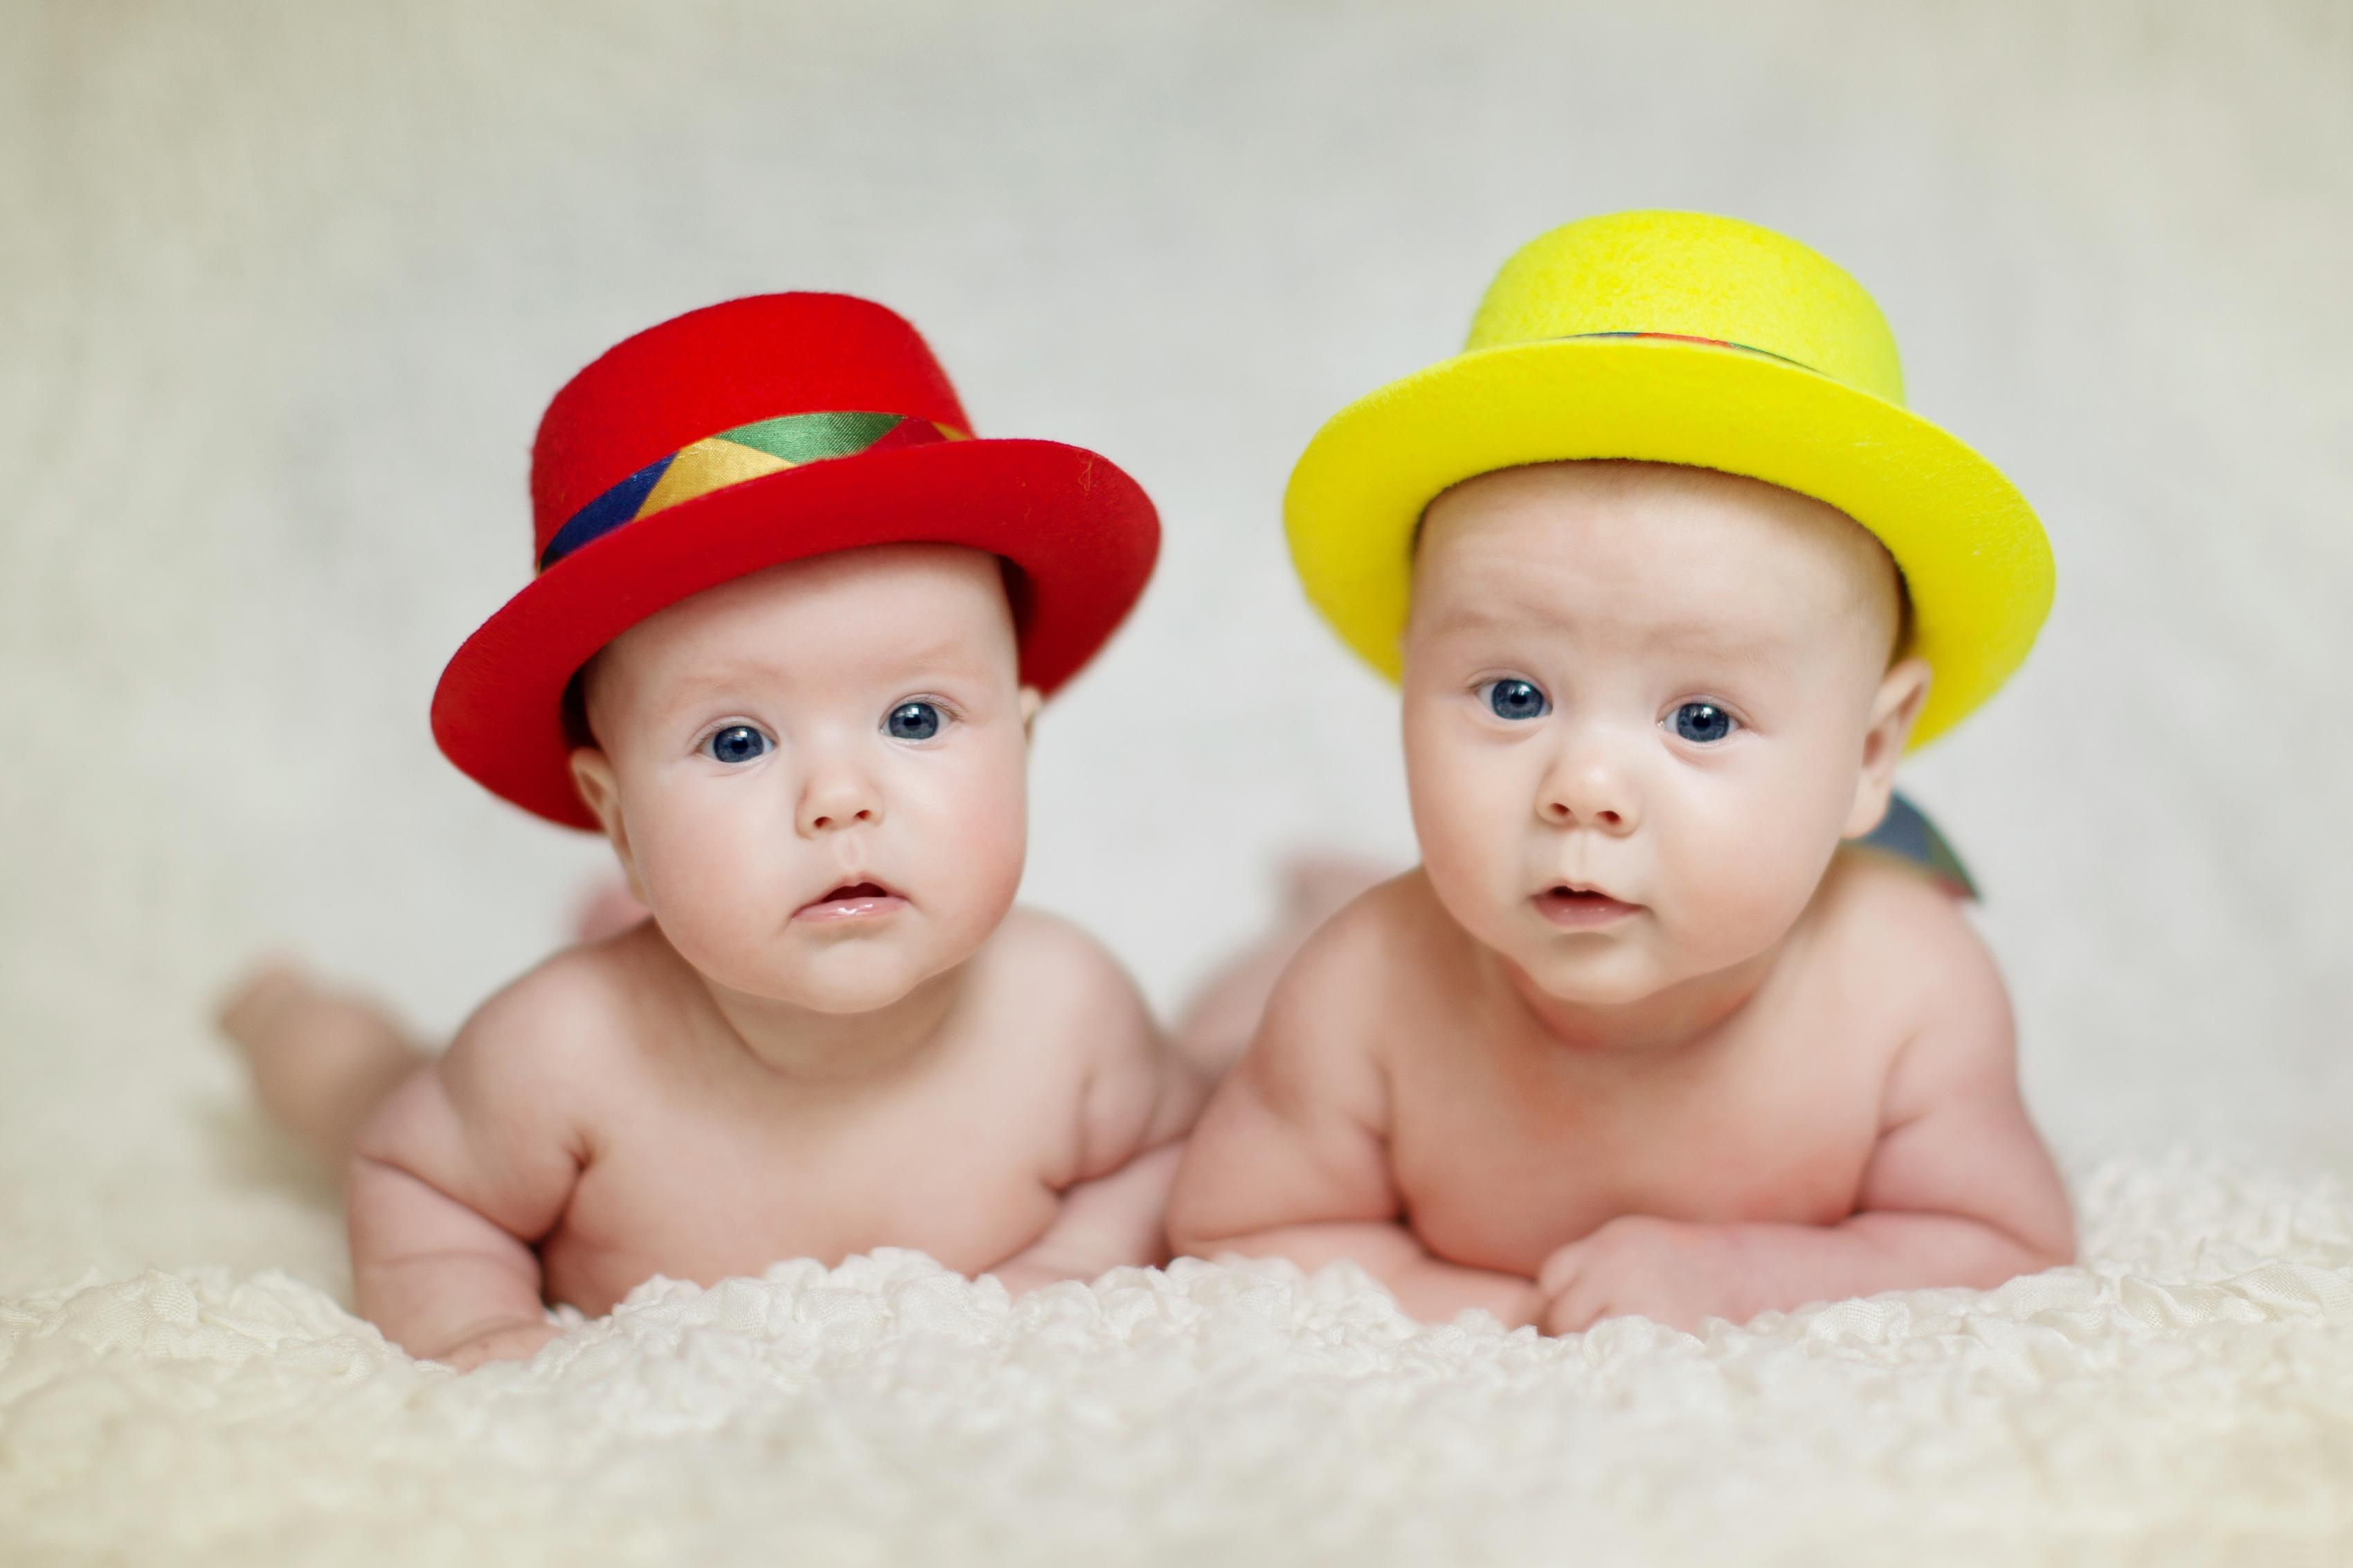 картинки малышей с компьютером